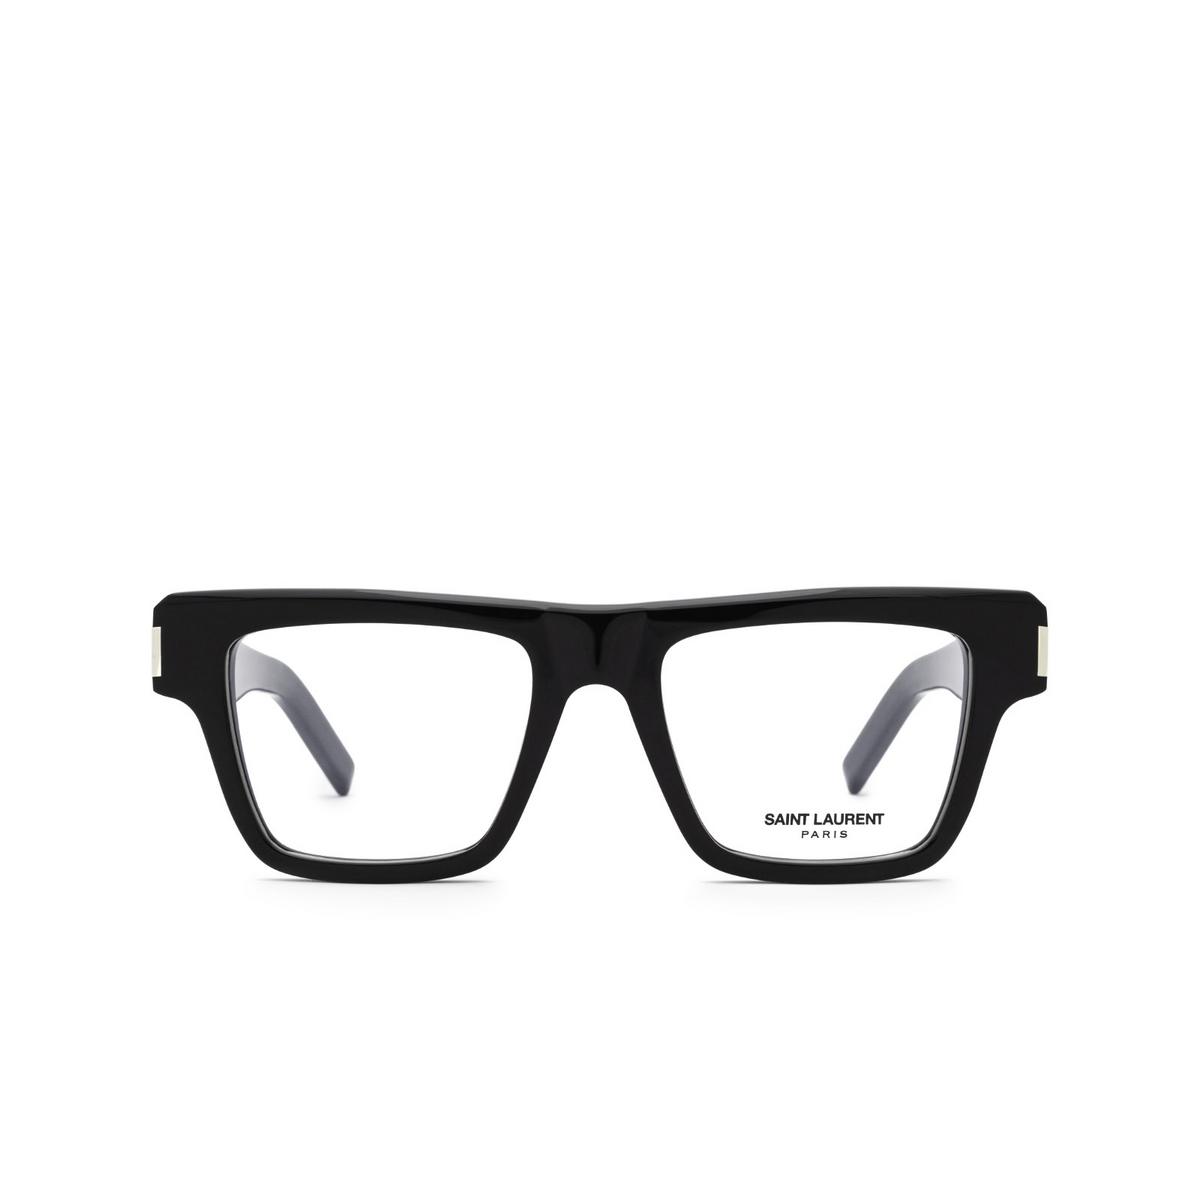 Saint Laurent® Rectangle Eyeglasses: SL 469 OPT color Black 001 - front view.